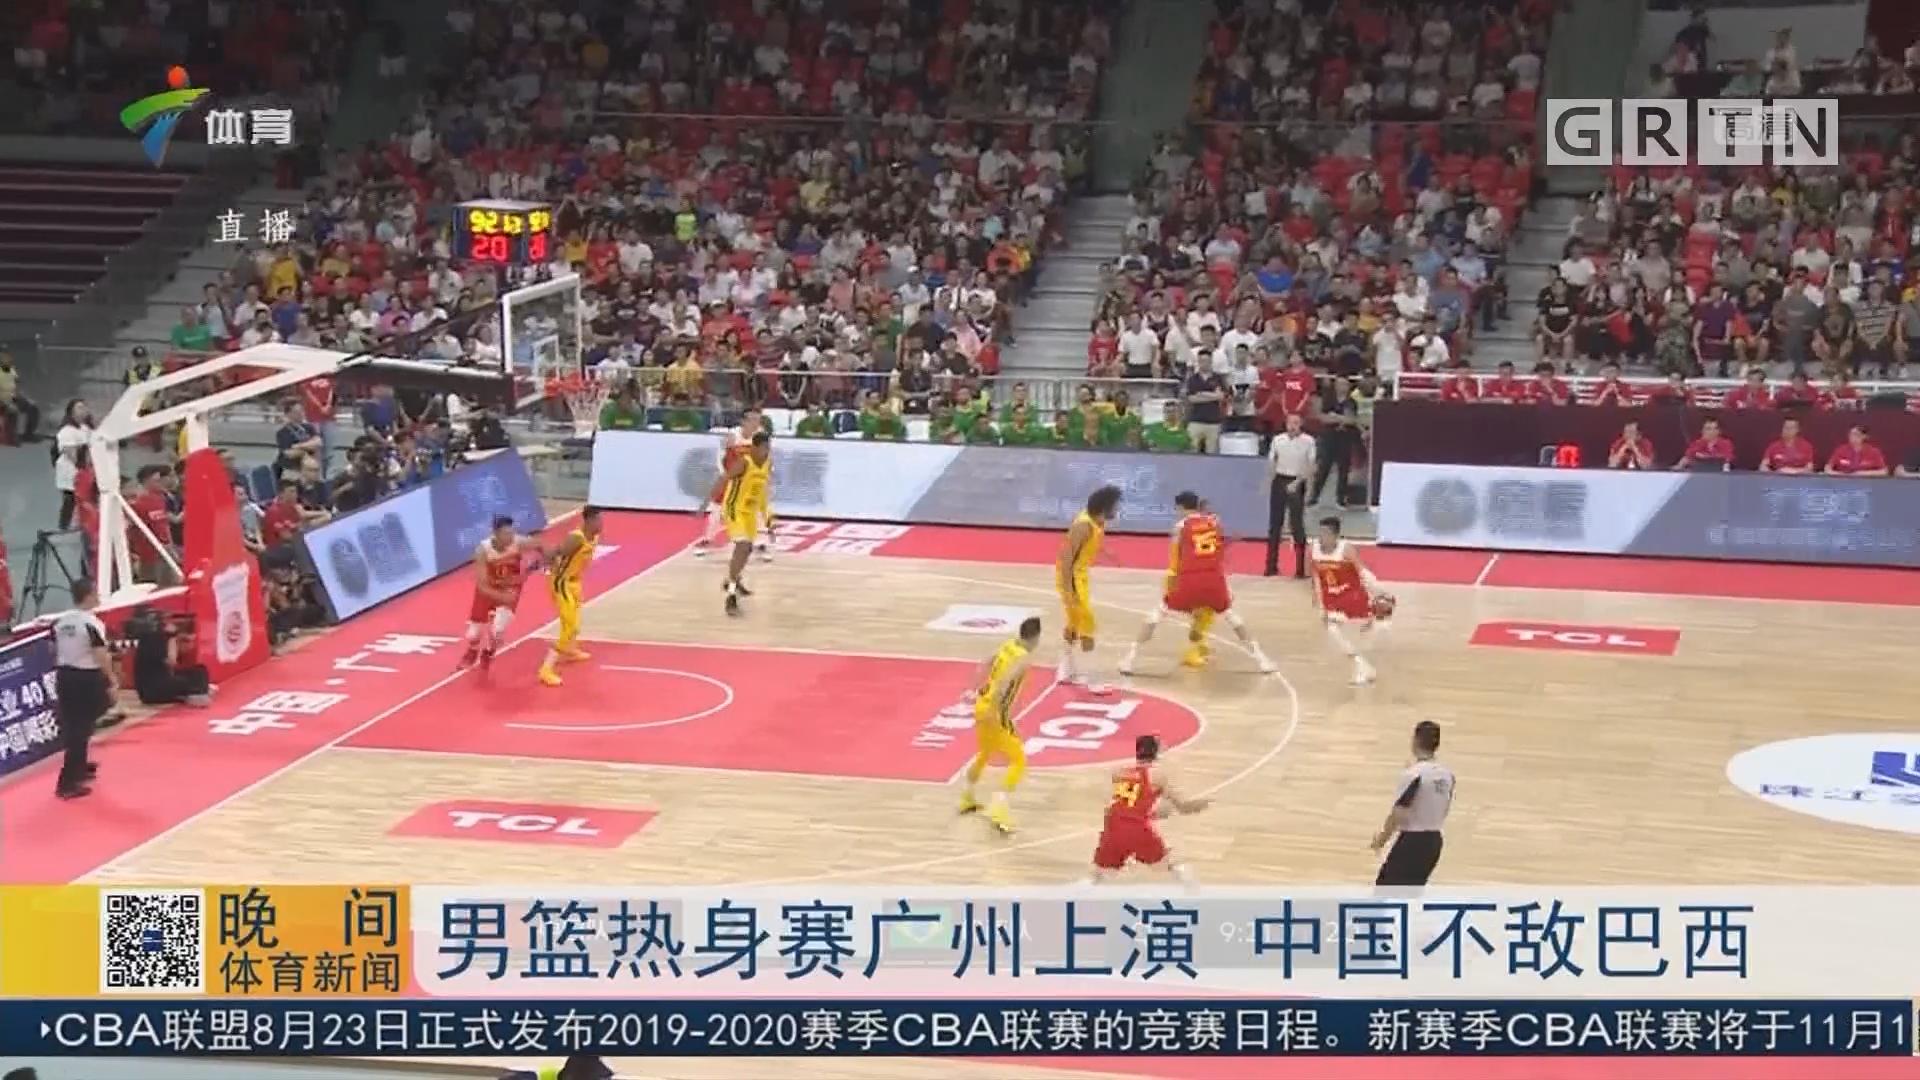 男篮热身赛广州上演 中国不敌巴西